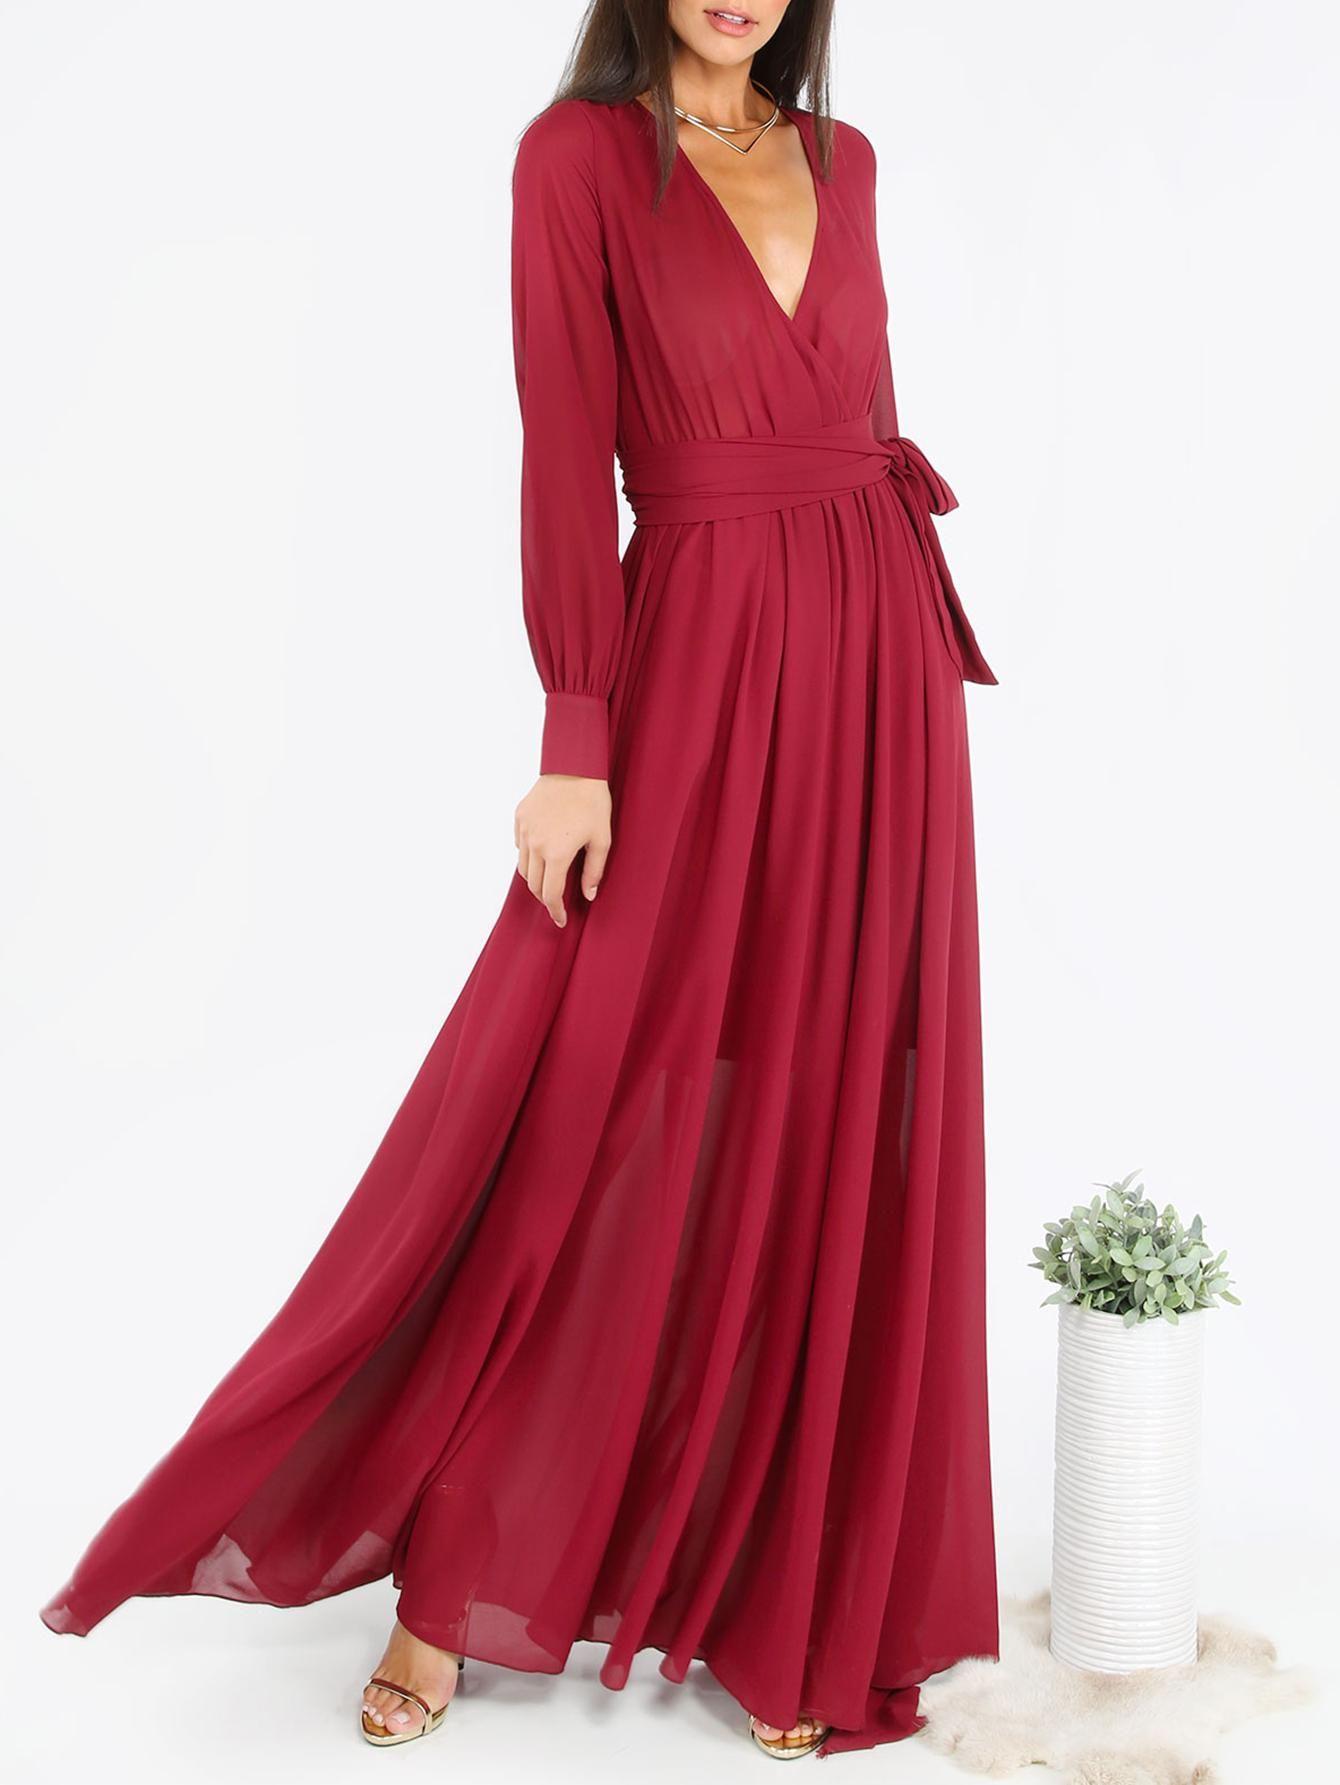 Shein shein burgundy surplice front self tie cuff sleeve dress